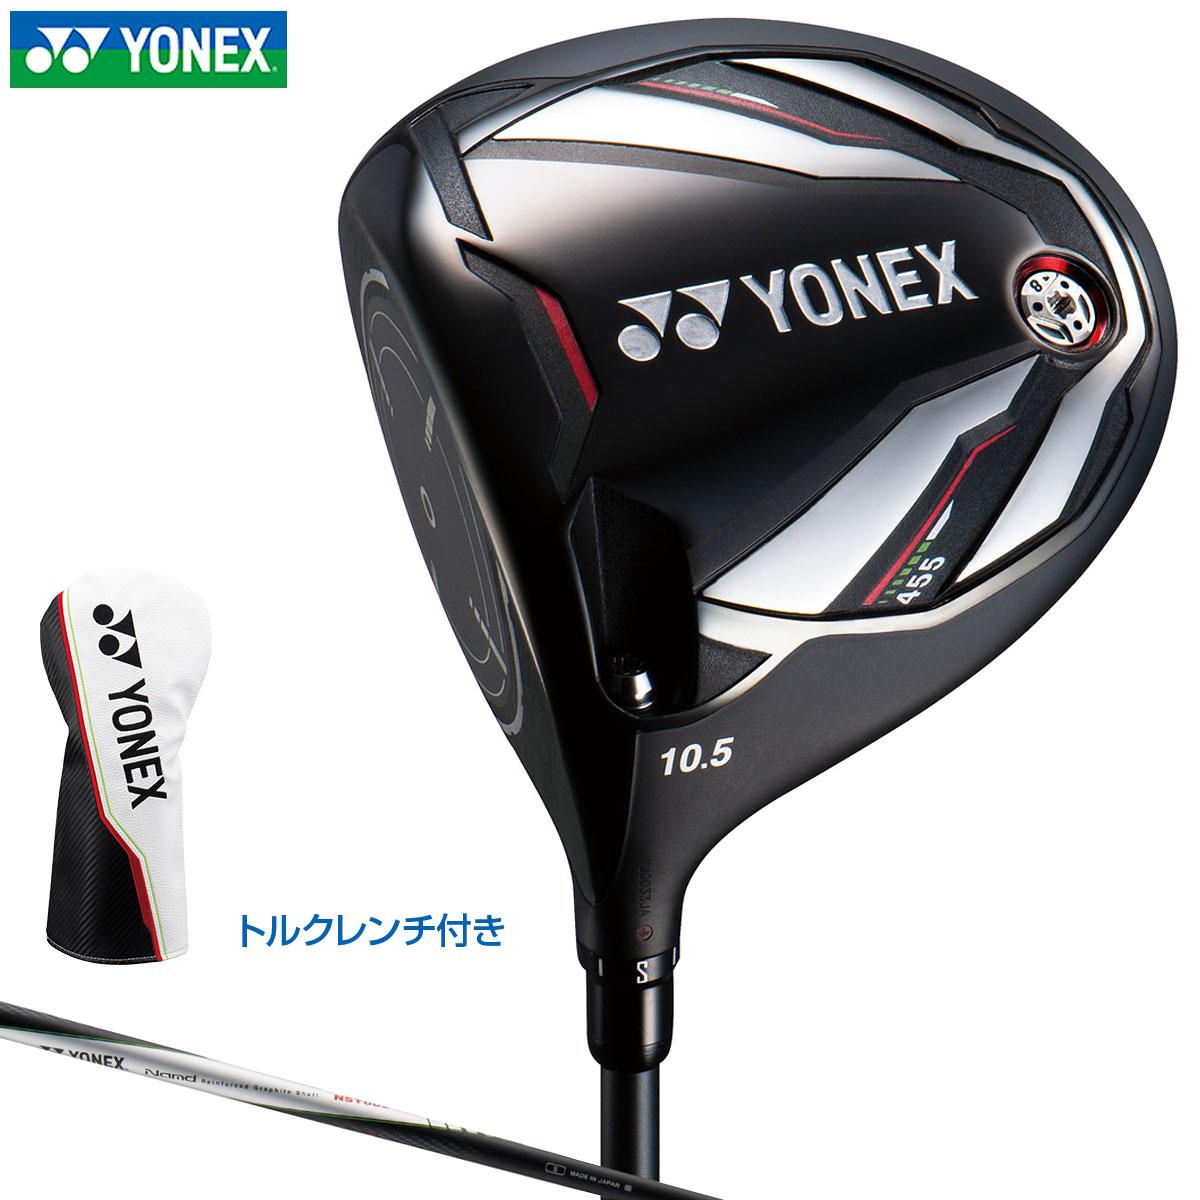 【【最大3300円OFFクーポン】】YONEX(ヨネックス)日本正規品 EZONE GT455ドライバー 2020新製品 NST002カーボンシャフト 「レフトハンドモデル(左用)」